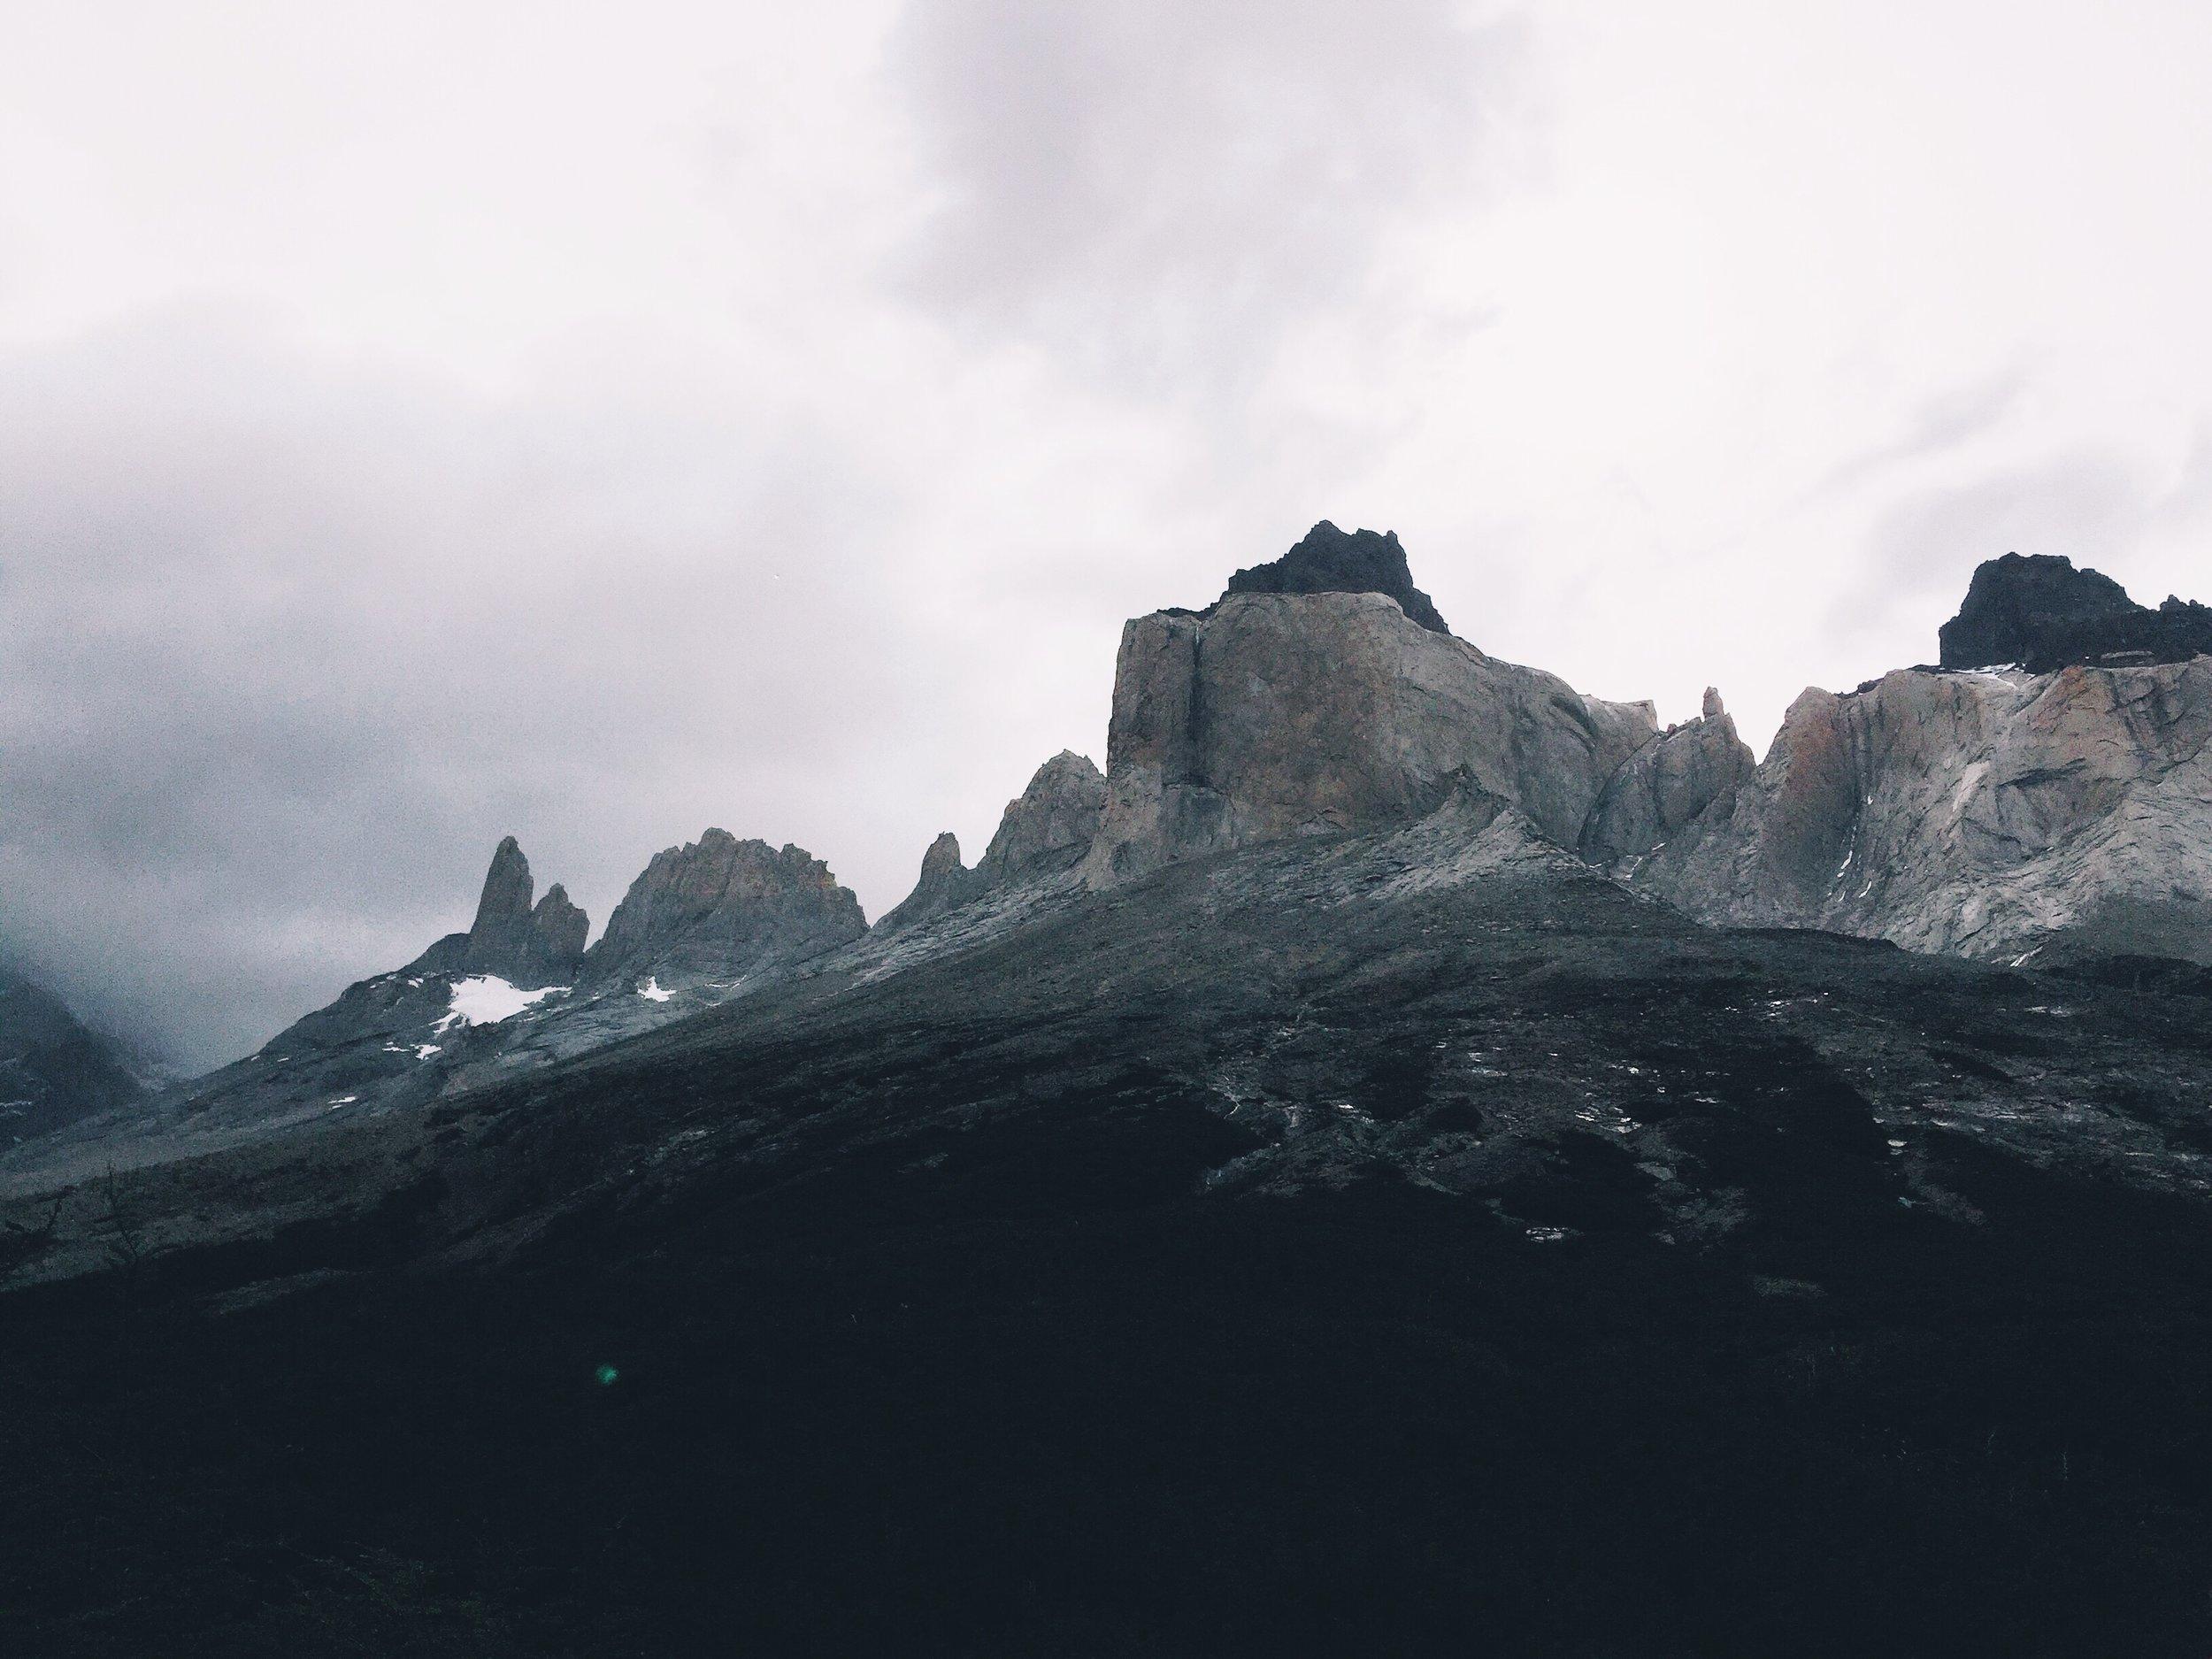 More peaks.